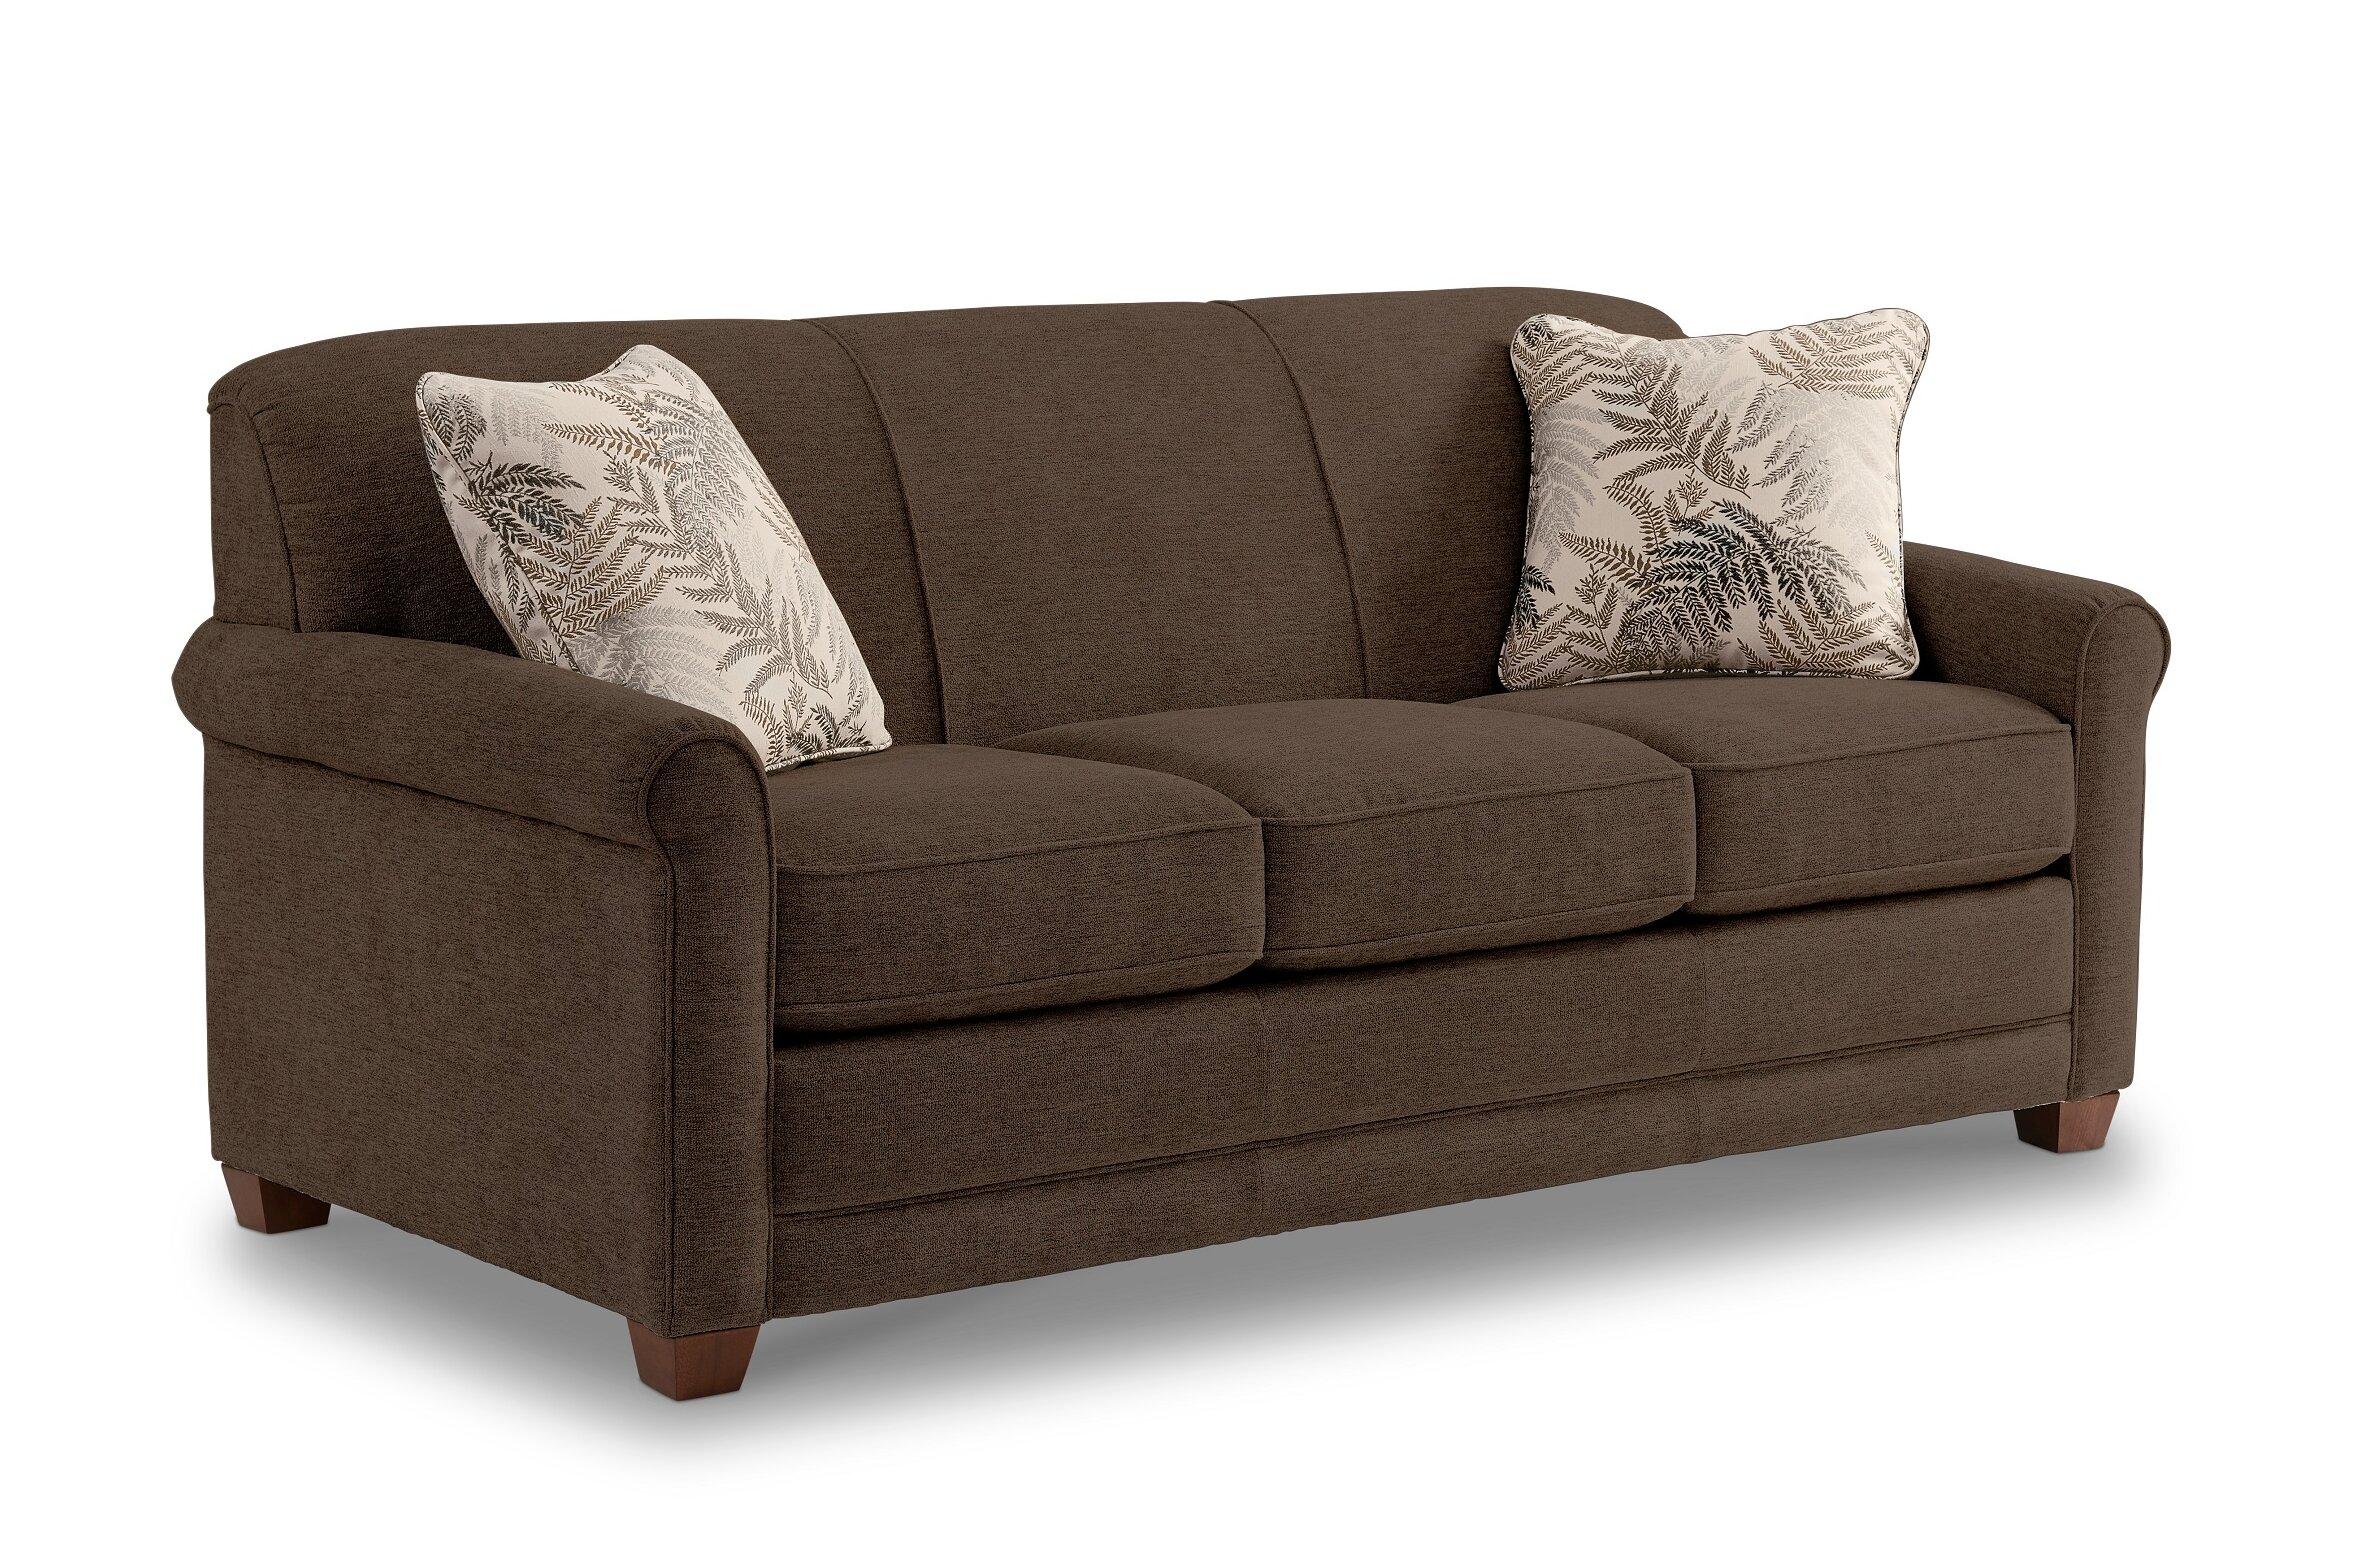 la z boy amanda 79 round arms sofa bed lz